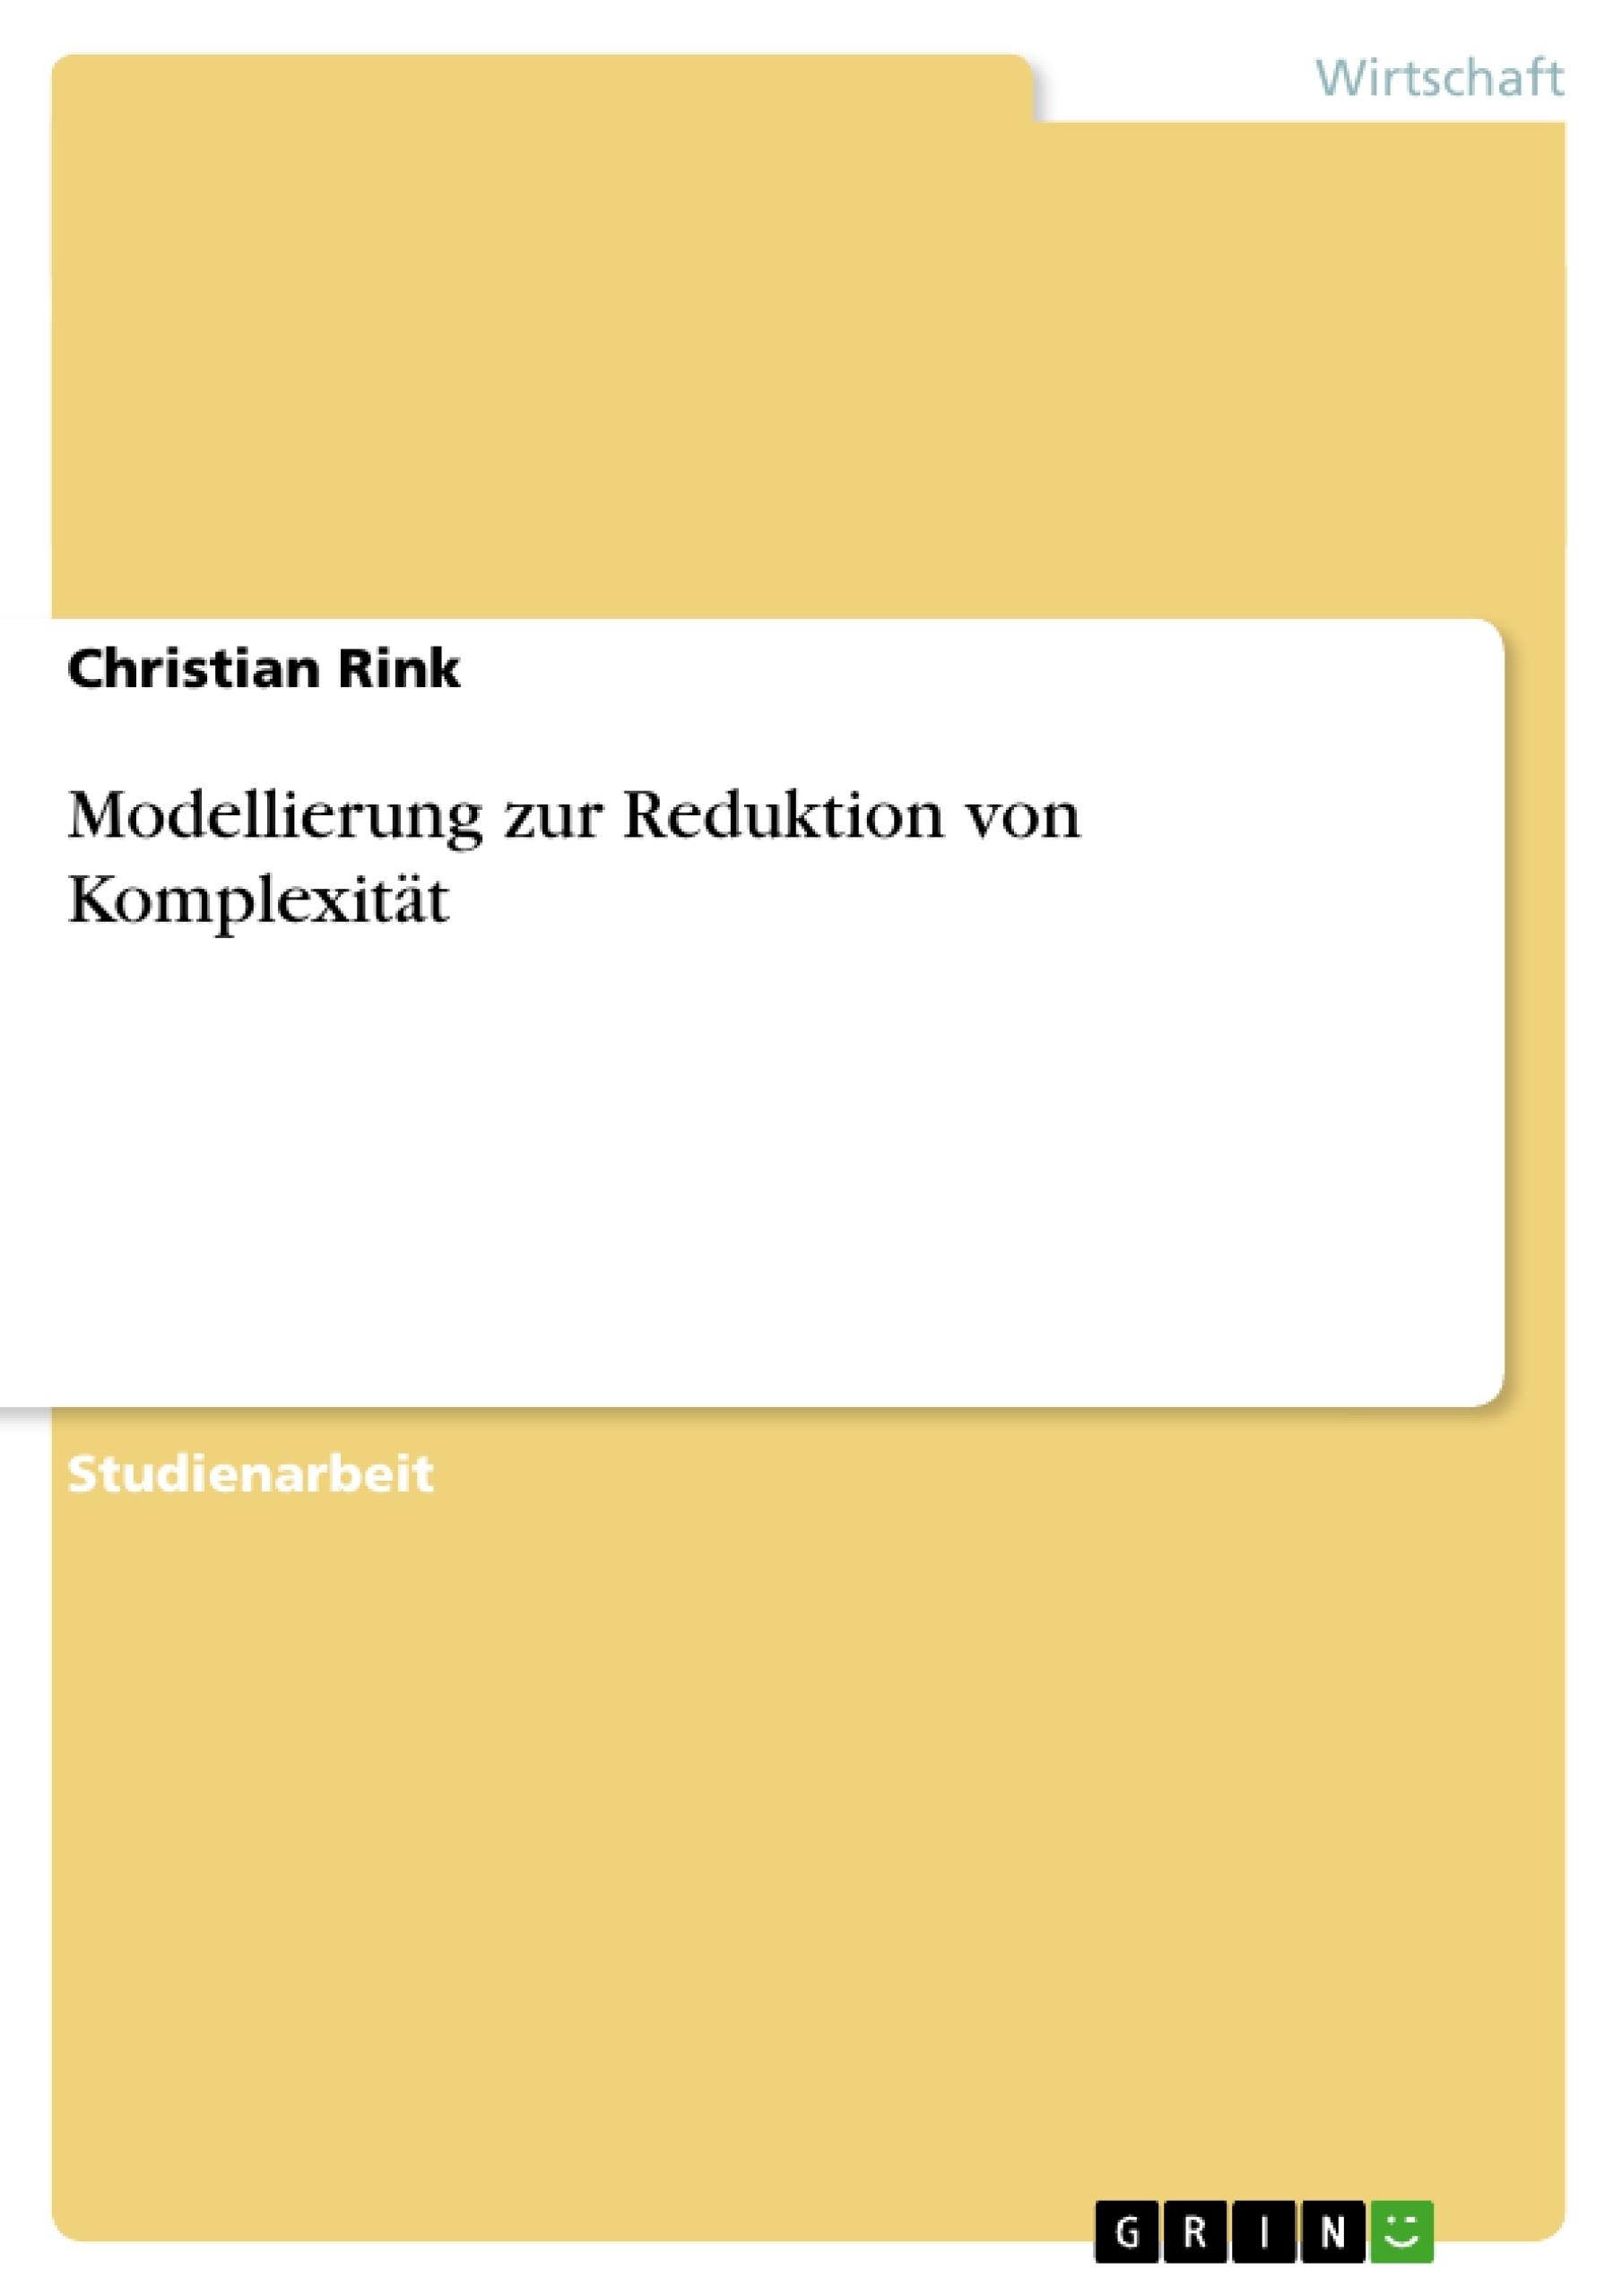 Titel: Modellierung zur Reduktion von Komplexität